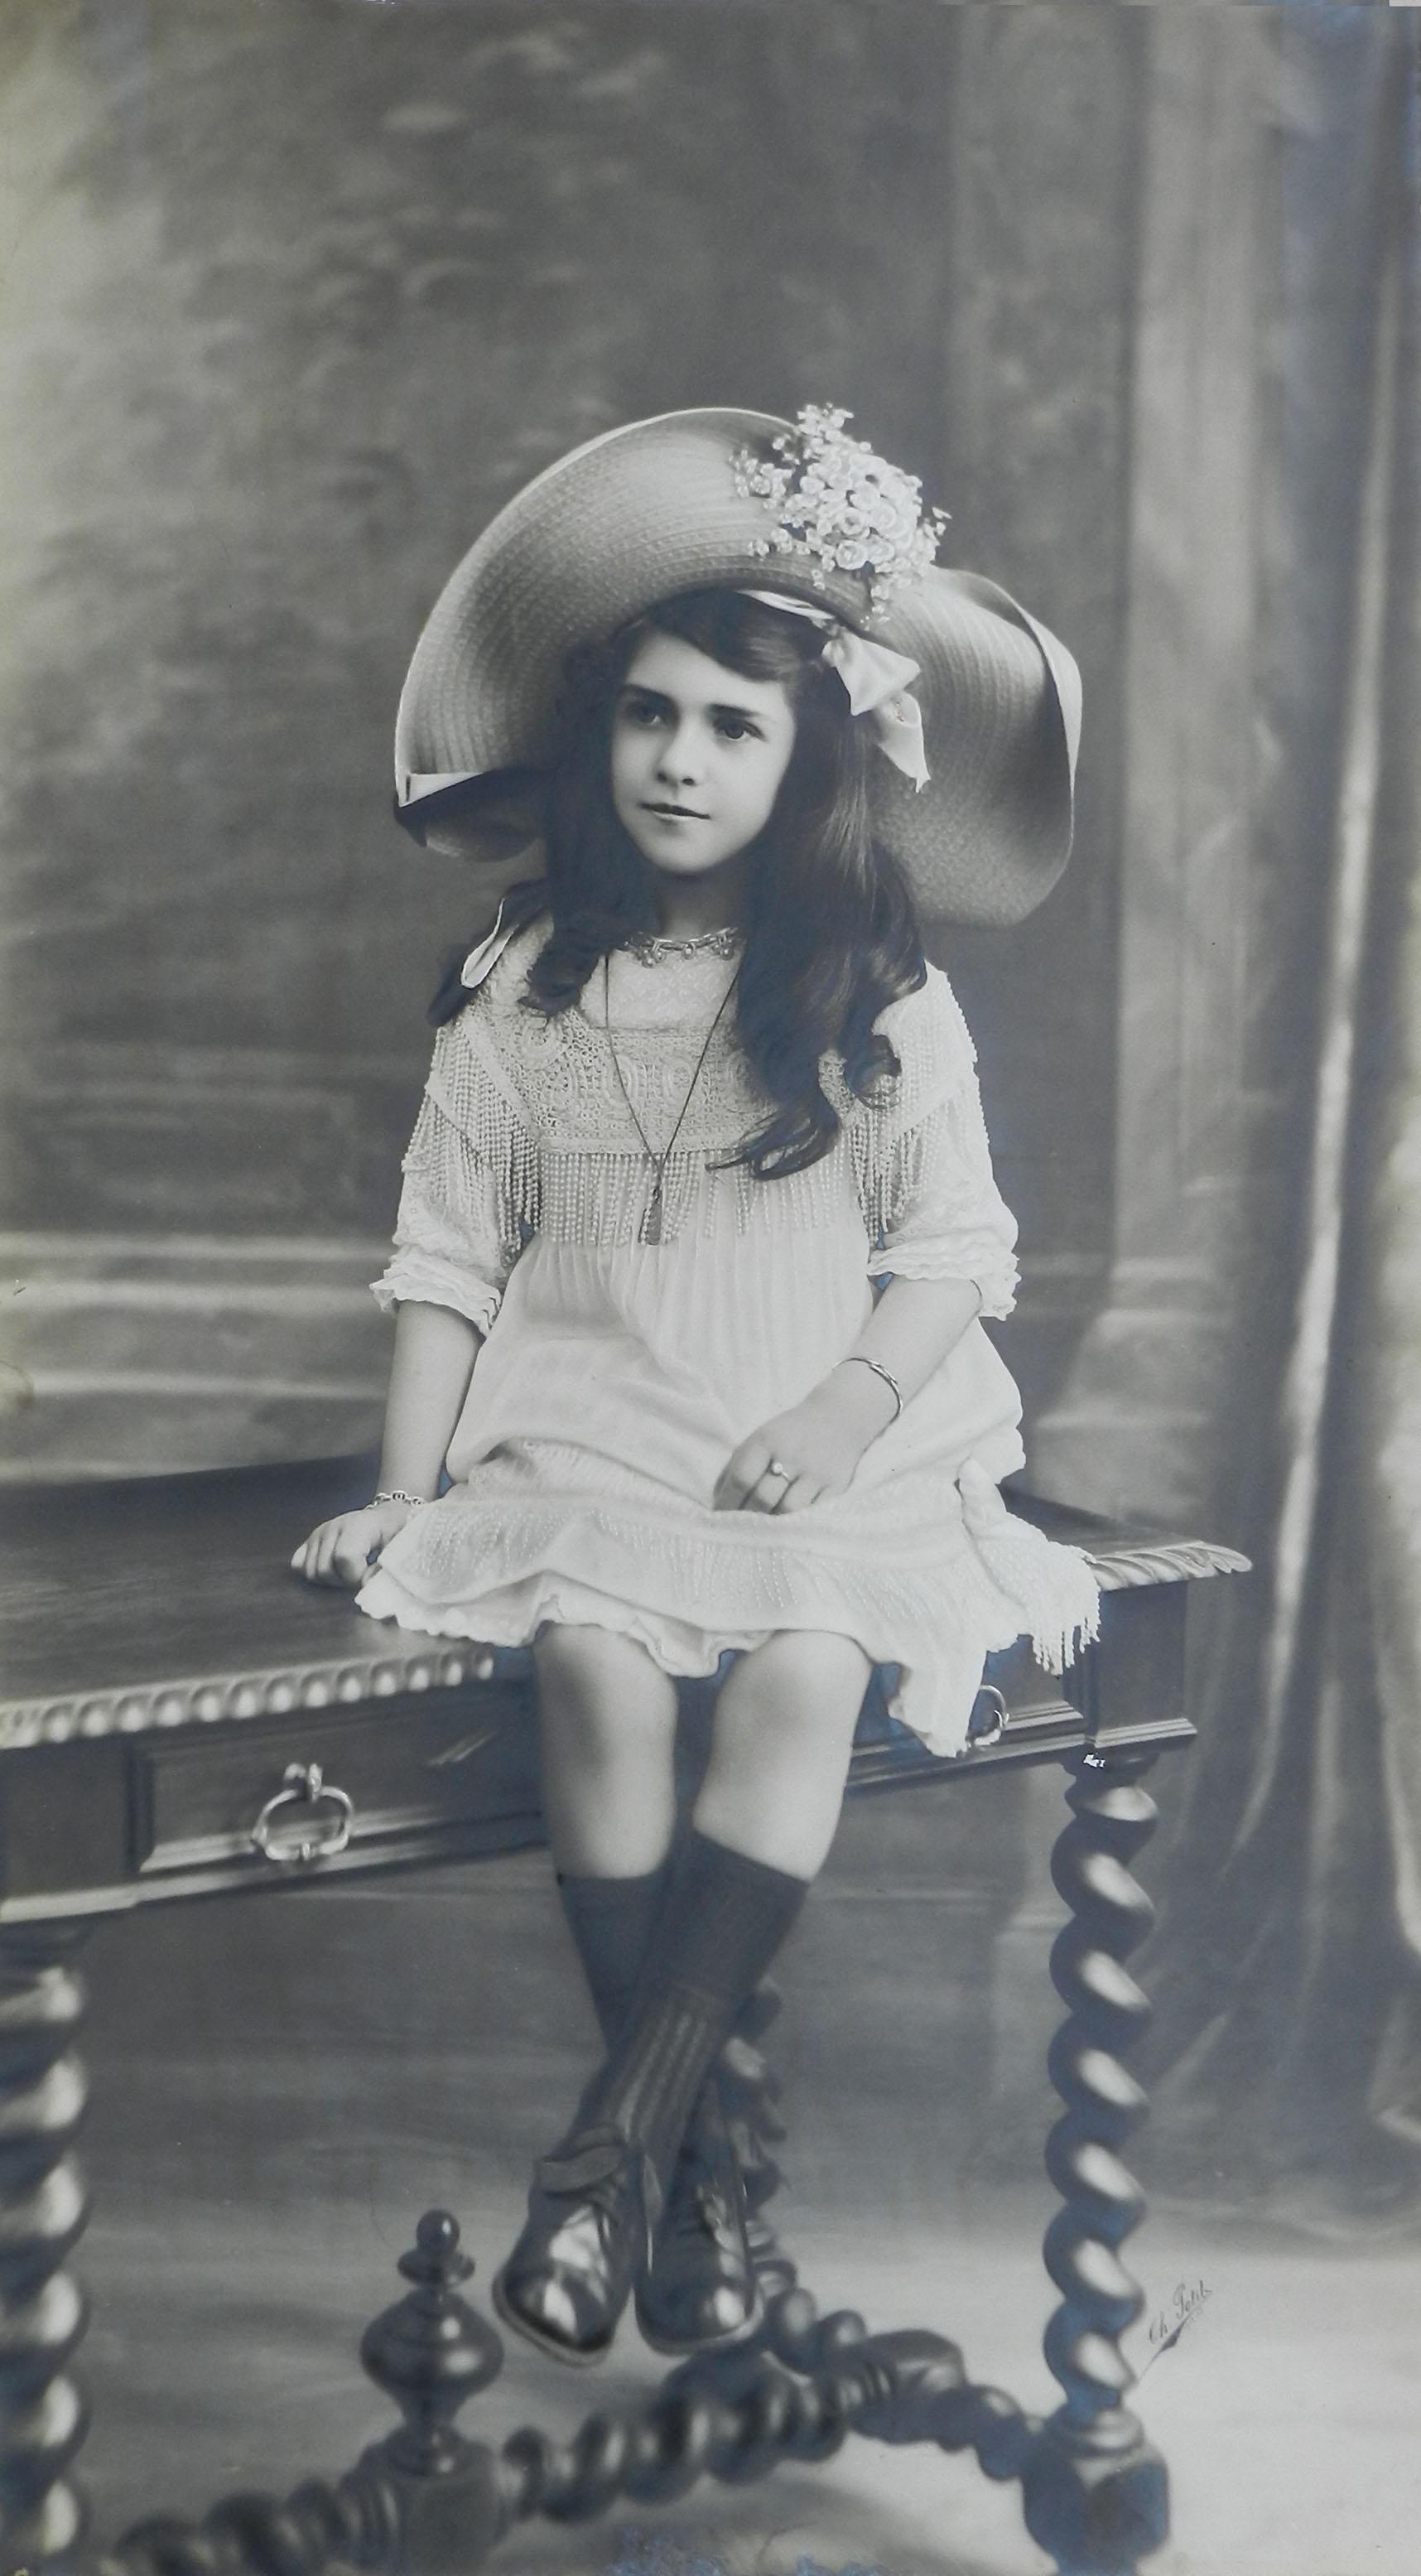 1910s Portrait Photography